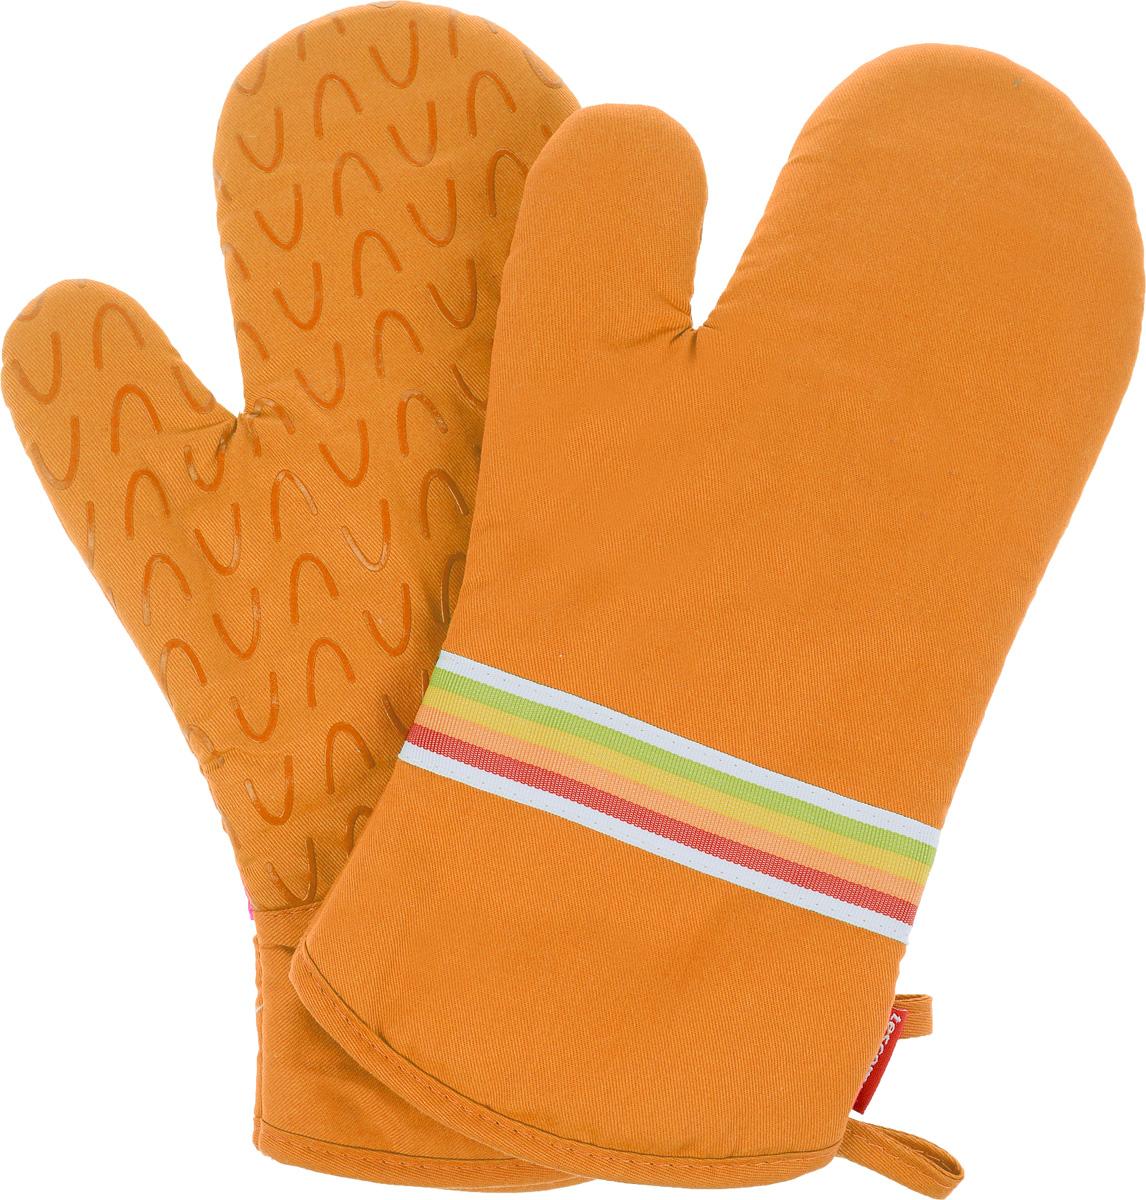 Рукавица-прихватка Tescoma Presto Tone, цвет: оранжевый, 33 х 18 см, 2 шт639751_оранжевыйРукавица-прихватка Tescoma Presto Tone, изготовленная из 100% хлопка и термостойкого силикона, имеет яркий дизайн. Для простоты и удобства хранения, изделие оснащено петелькой для подвешивания и магнитом. Такая прихватка защитит ваши руки от высоких температур и предотвратит появление ожогов. Рекомендуется стирка при температуре 30°С. Размер изделия (ДхШ): 33 х 18 см. Комплектация: 2 шт.